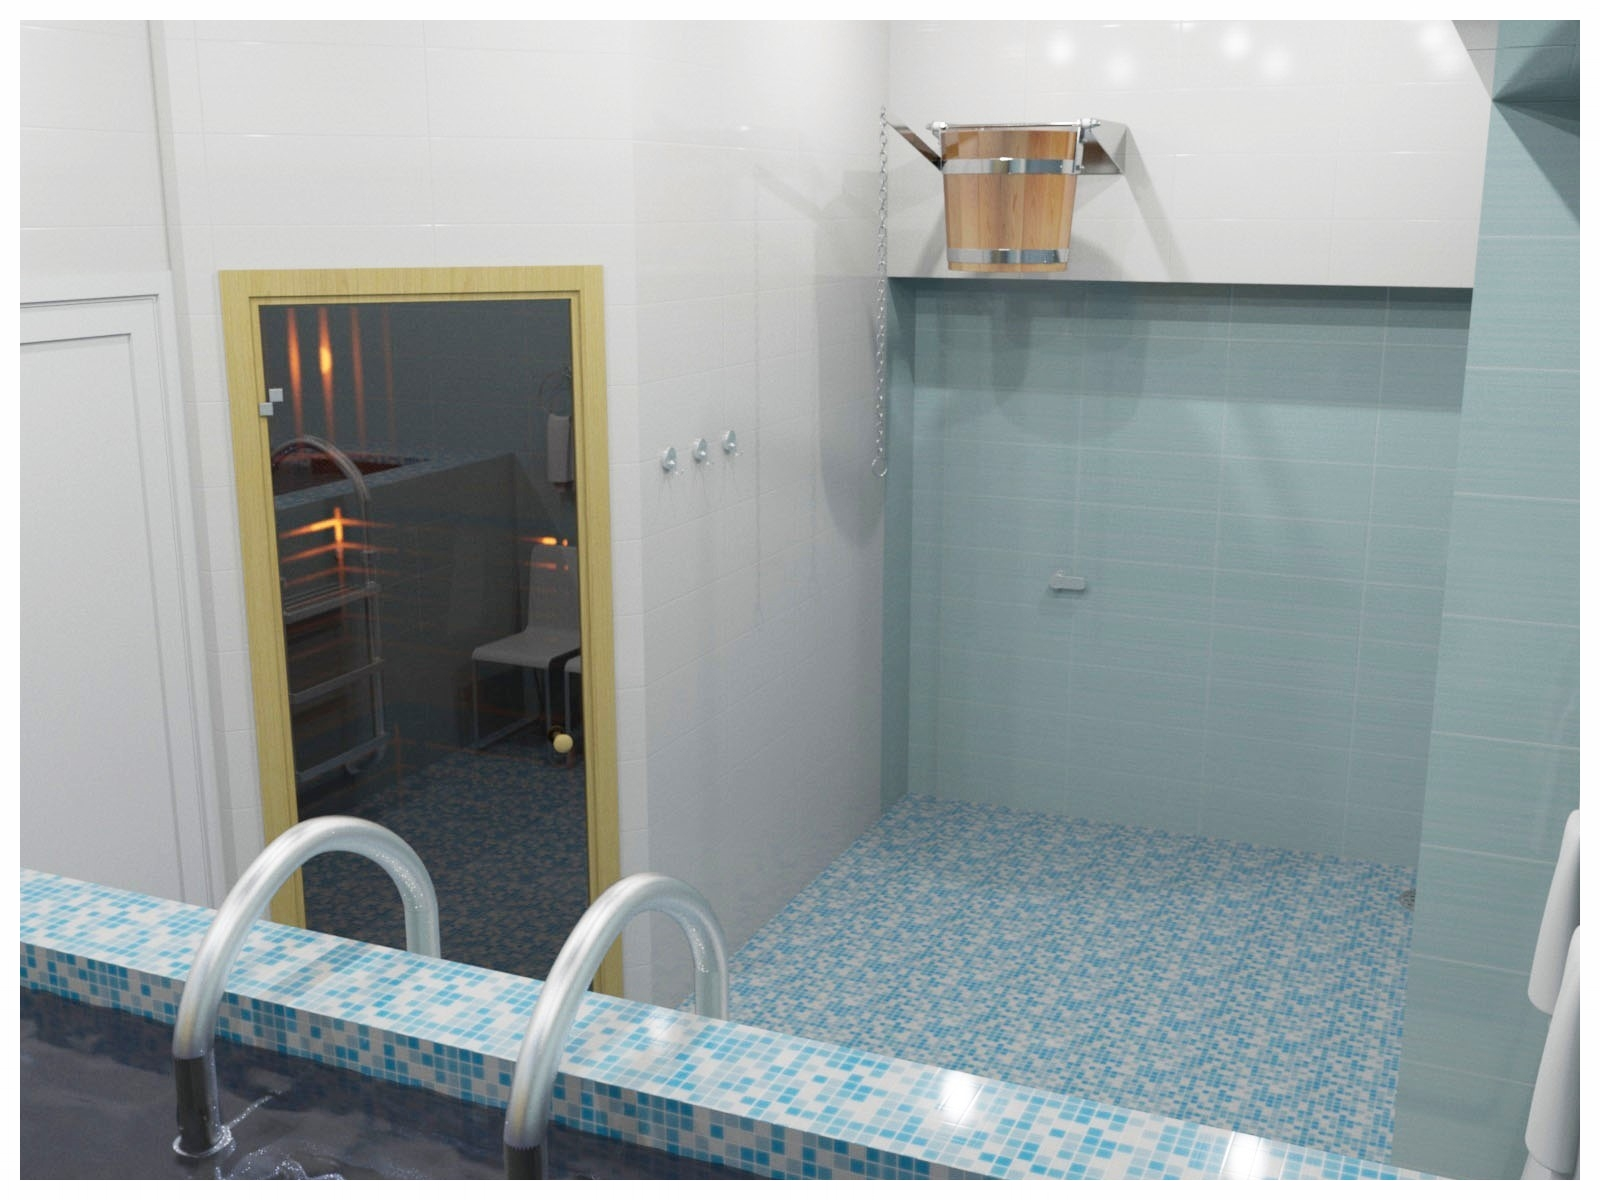 Дизайн интерьеров СПА в коттедже. Помывочная с бассейном 4.